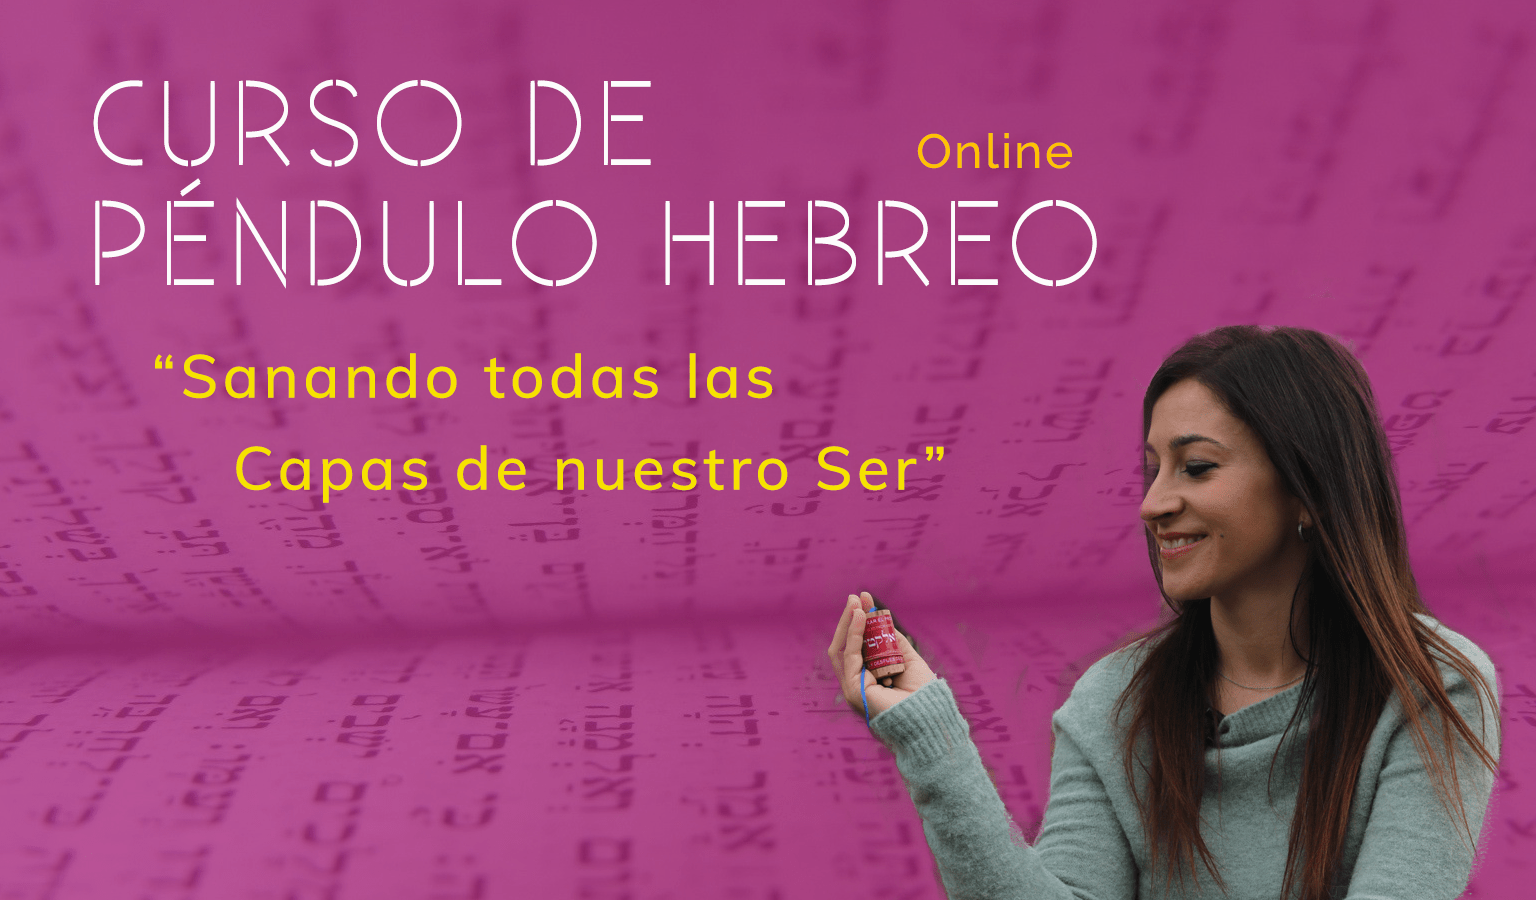 Curso de Péndulo Hebreo Online